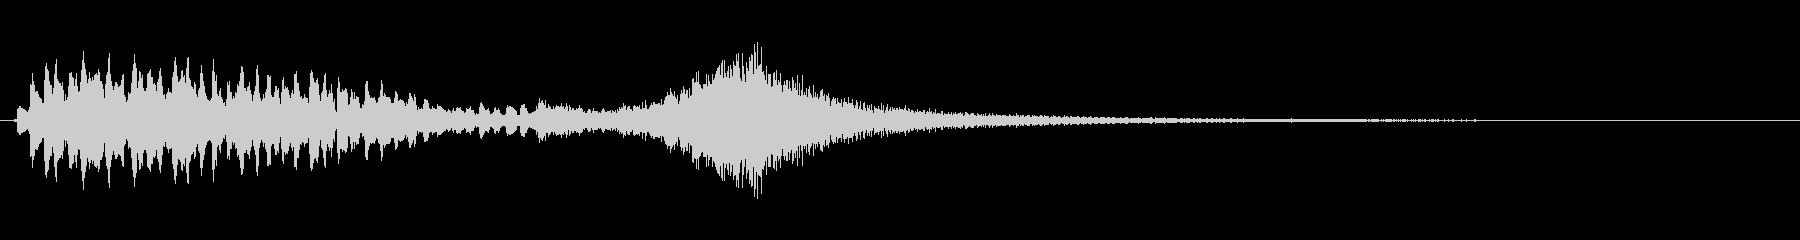 優雅な和風サウンド 琴のトレモロ+FXの未再生の波形